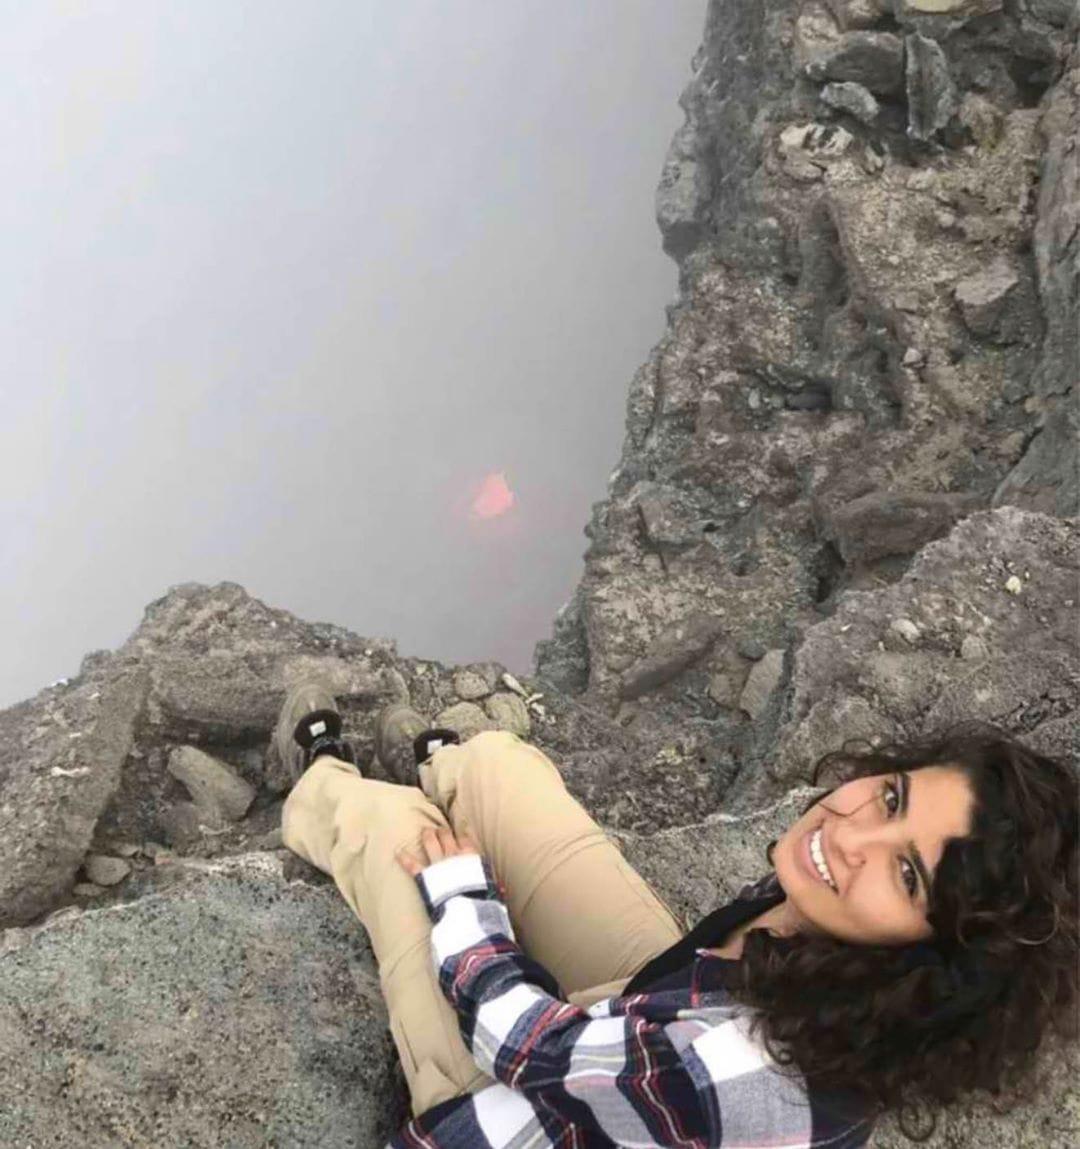 العثور على جثة الطالبة آية نعامنة من عرّابة في صحارى أثيوبيا